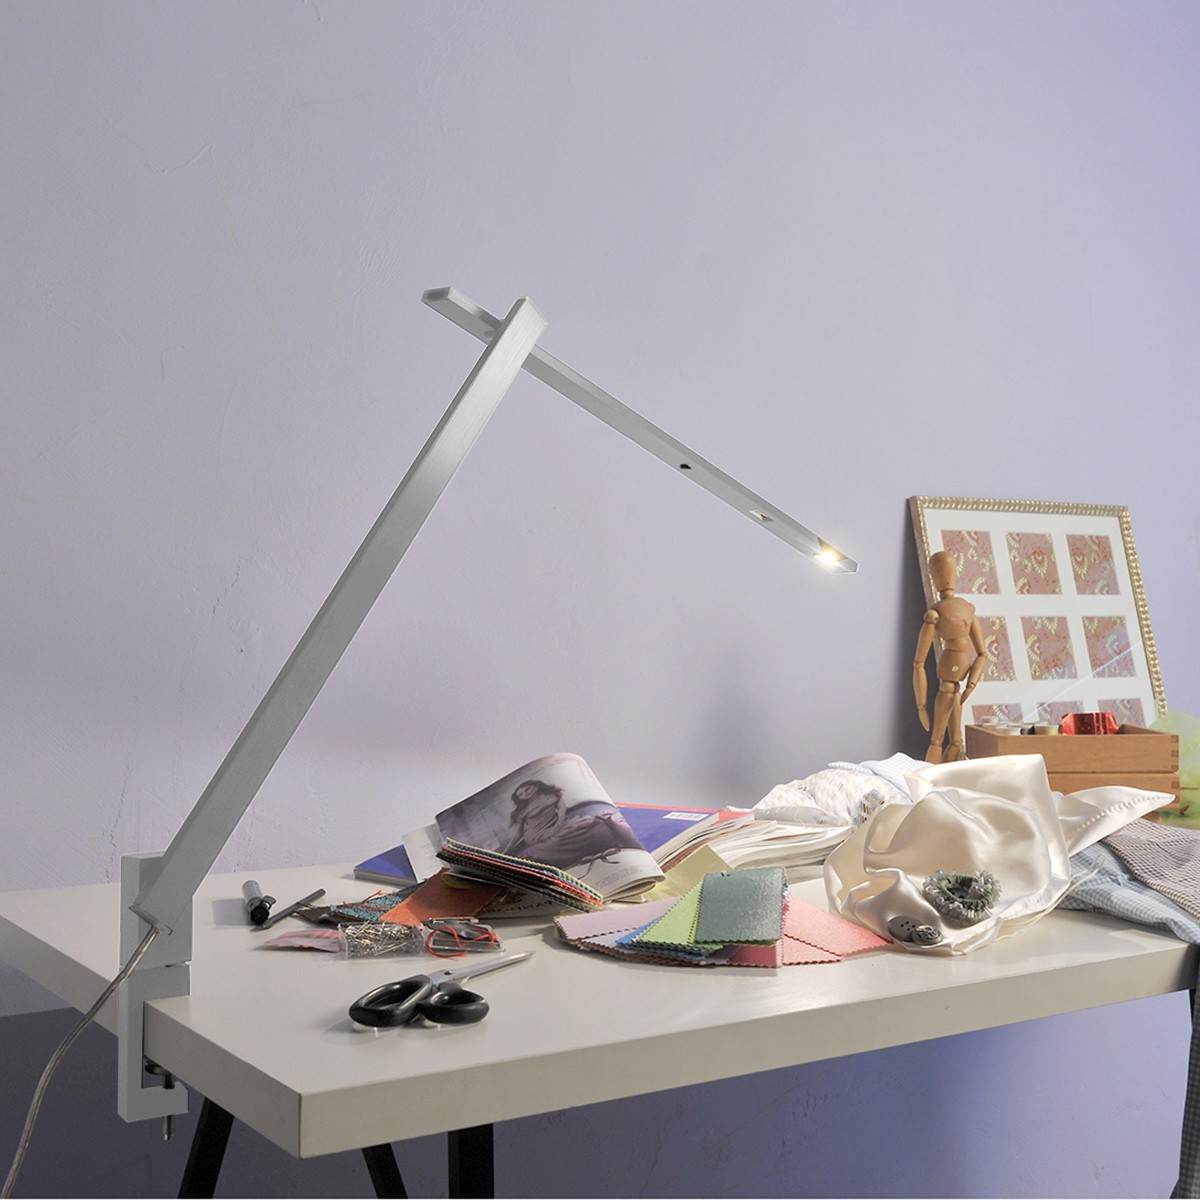 Byok Nastrino Tischleuchte mit Klemme, Aluminium matt